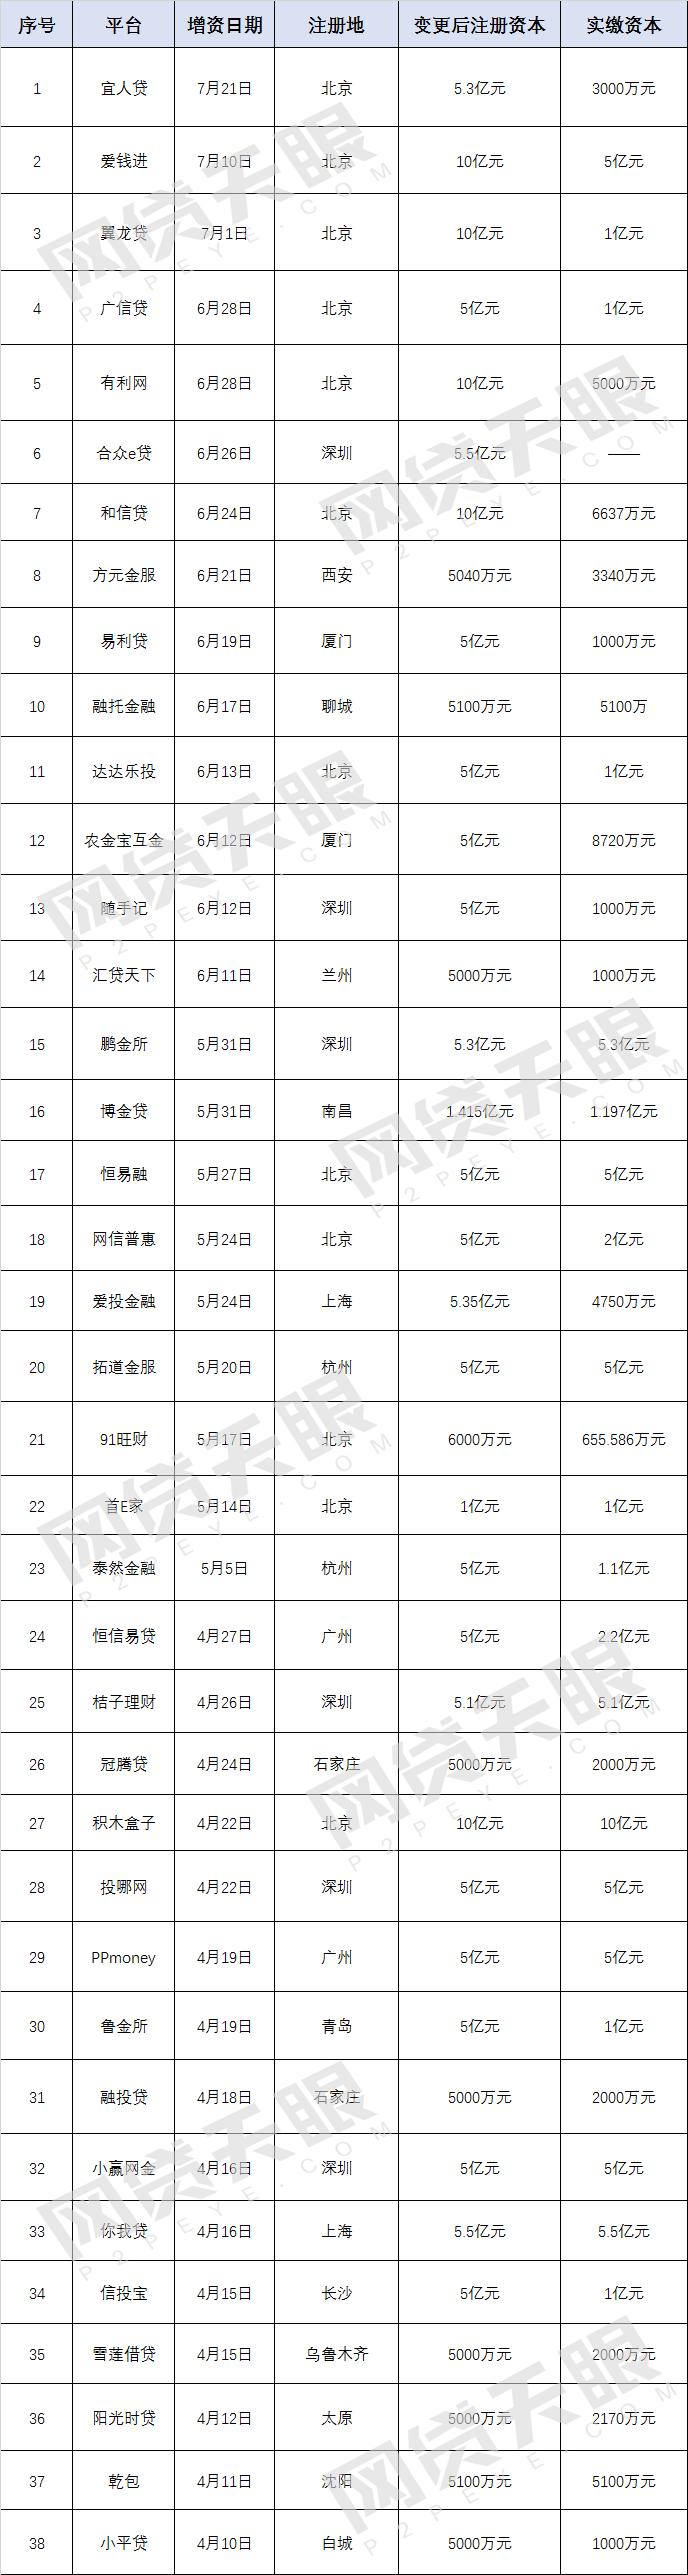 收藏!38家P2P增资 注资10亿以上平台达12家(附名单)